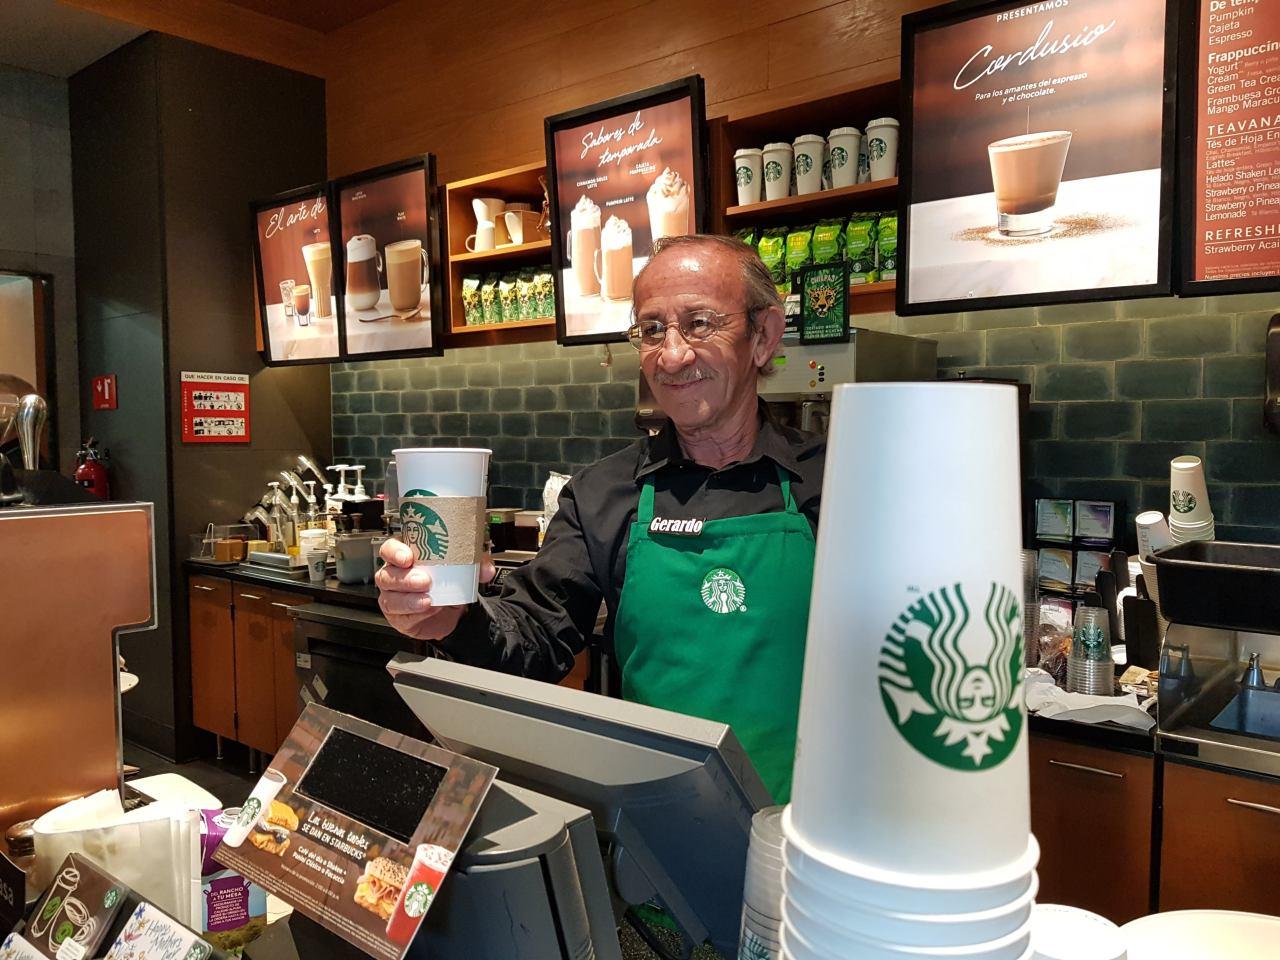 Starbucksinaugura local atendido solo por mayores de 60 años en México